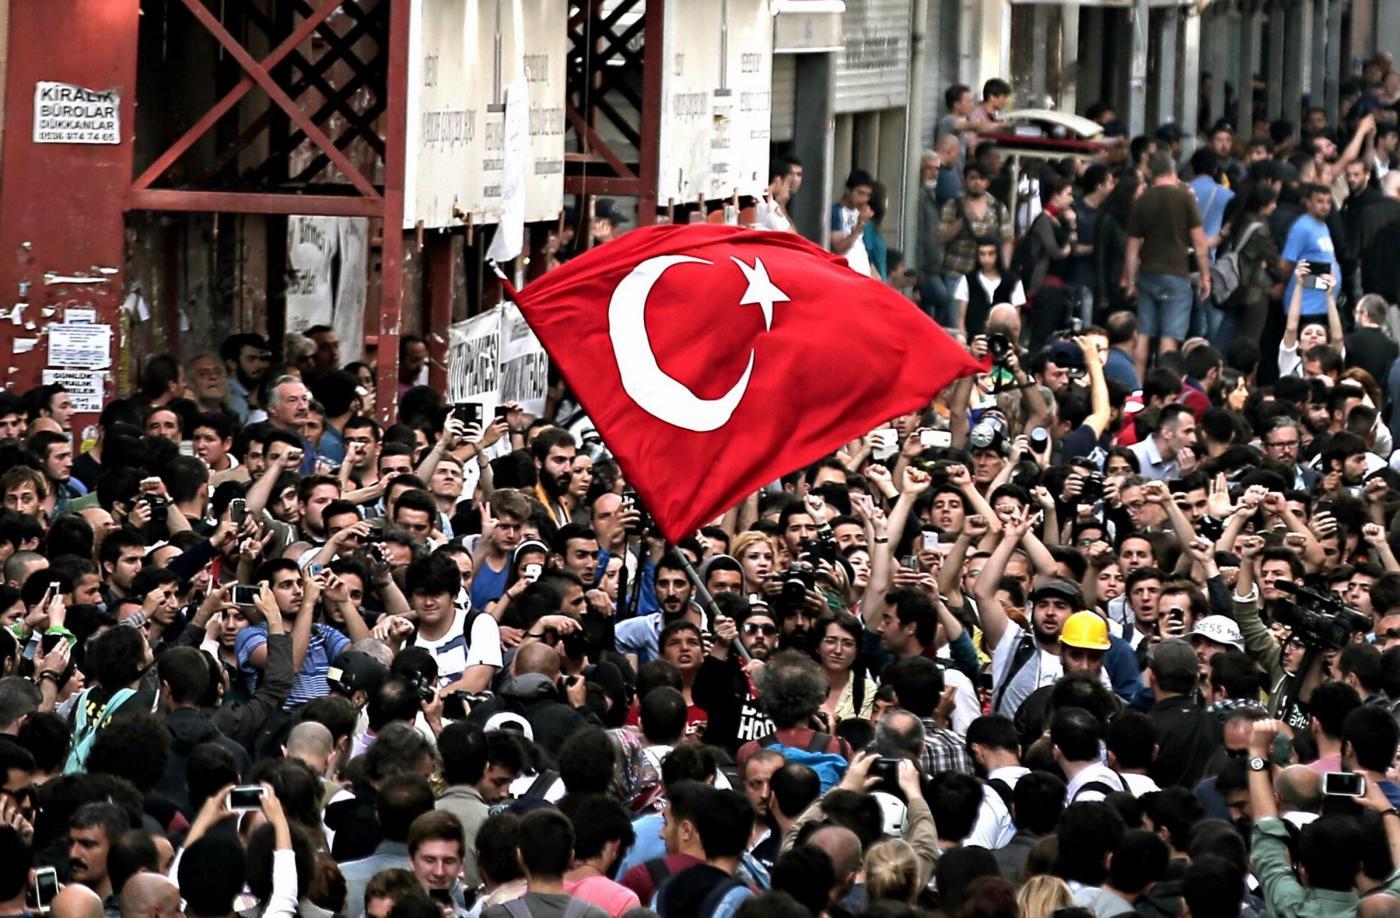 In Turchia si ricorda la protesta di Gezi Park: la polizia carica violentemente i manifestanti